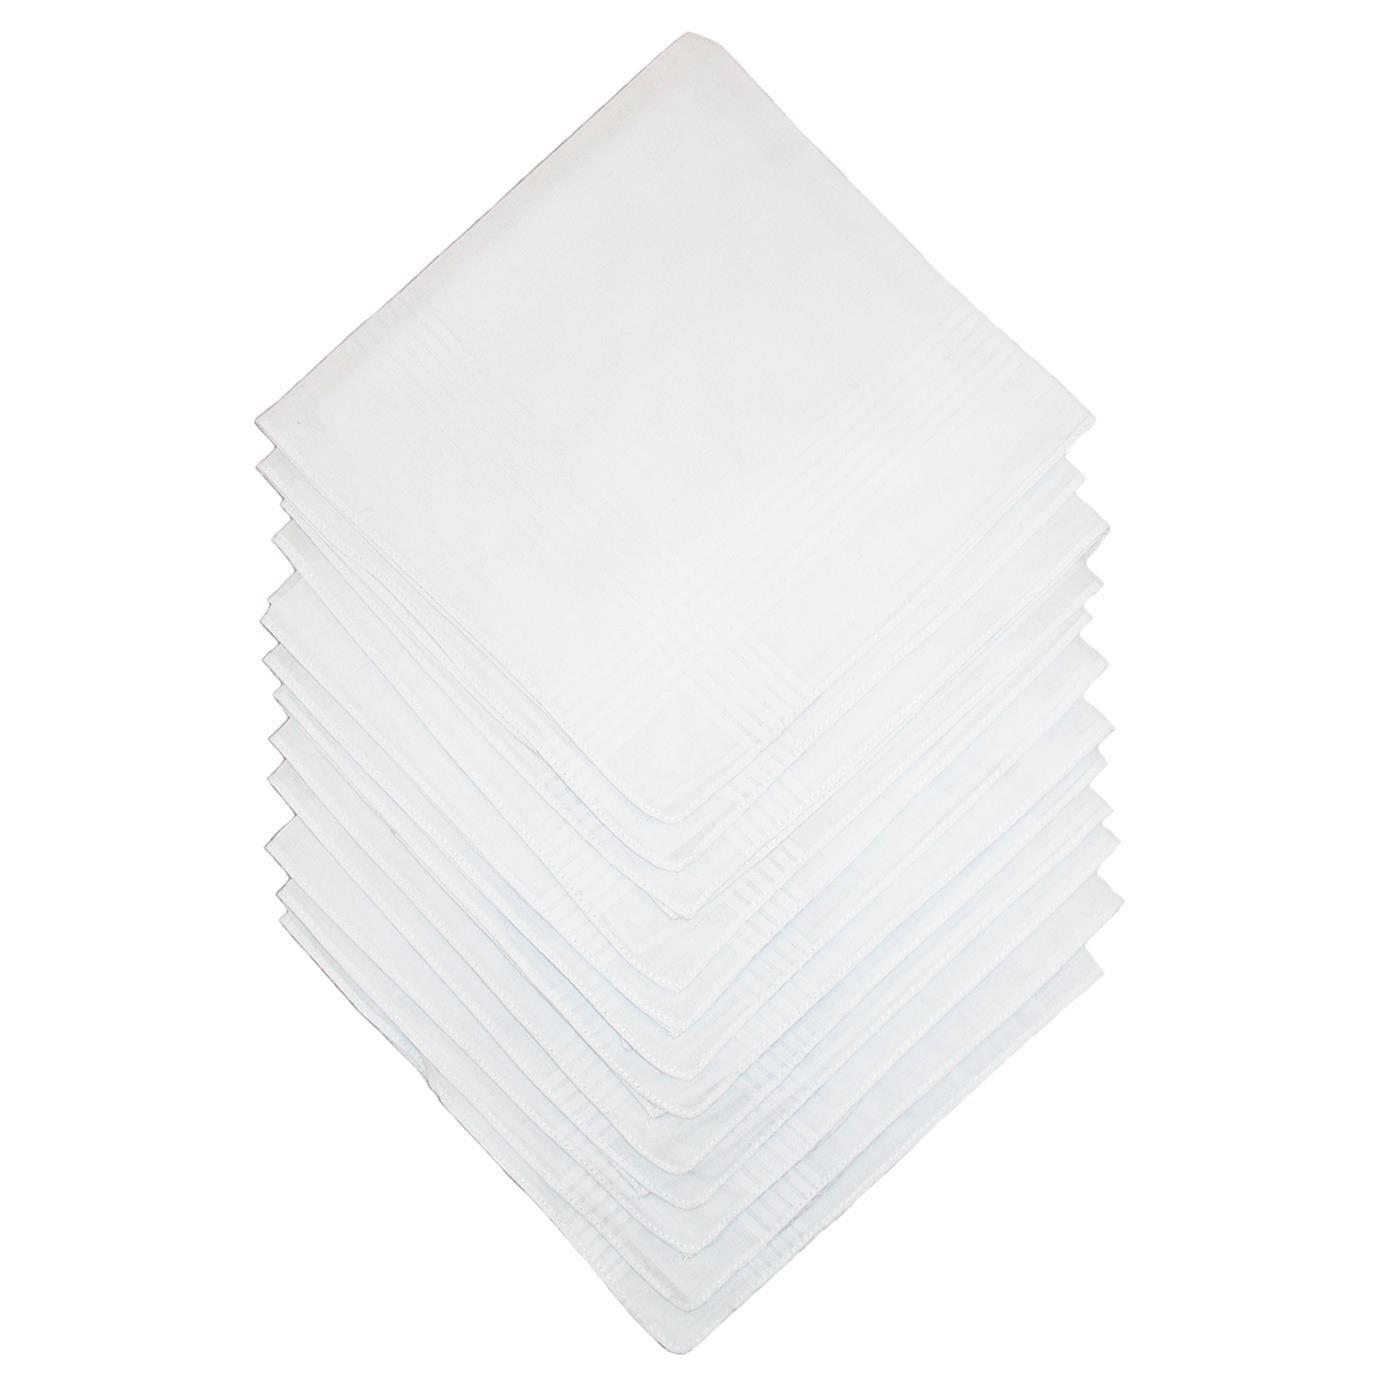 12pc Handkerchiefs Plain White Men x 38cm 100% Cotton Square Pocket Hankie Hanky